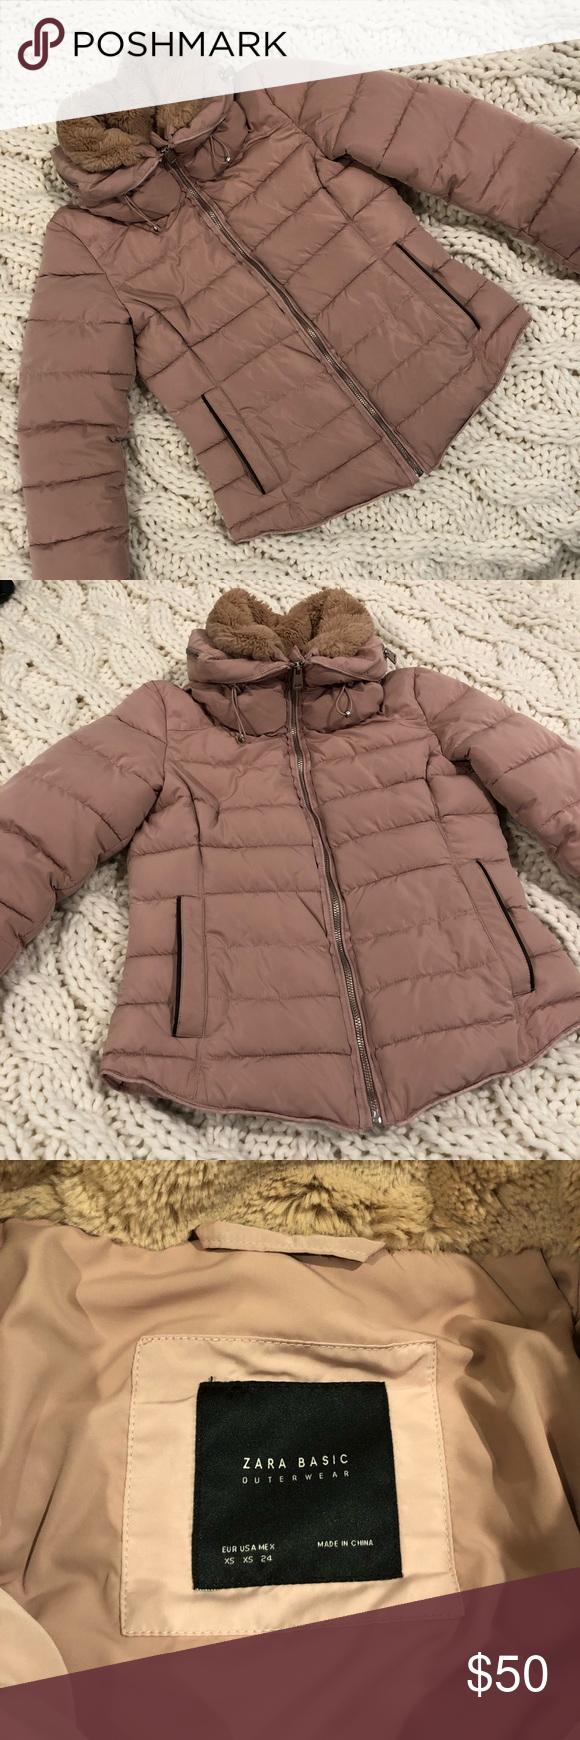 Zara Outerwear Jacket Outerwear Jackets Zara Jackets [ 1740 x 580 Pixel ]